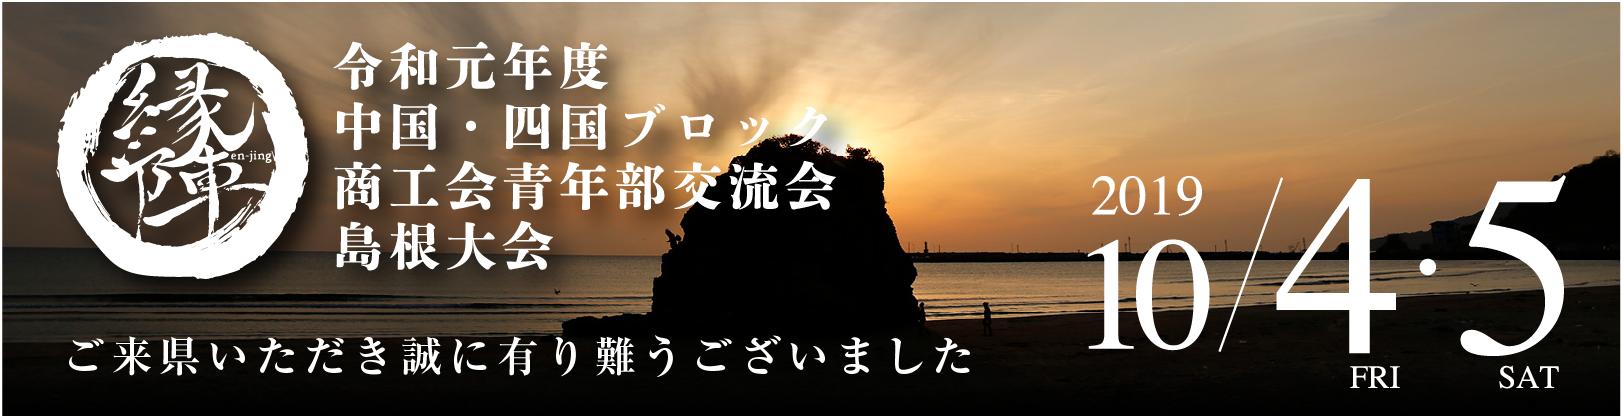 令和元年度 中国・四国ブロック商工会青年部交流会 島根大会